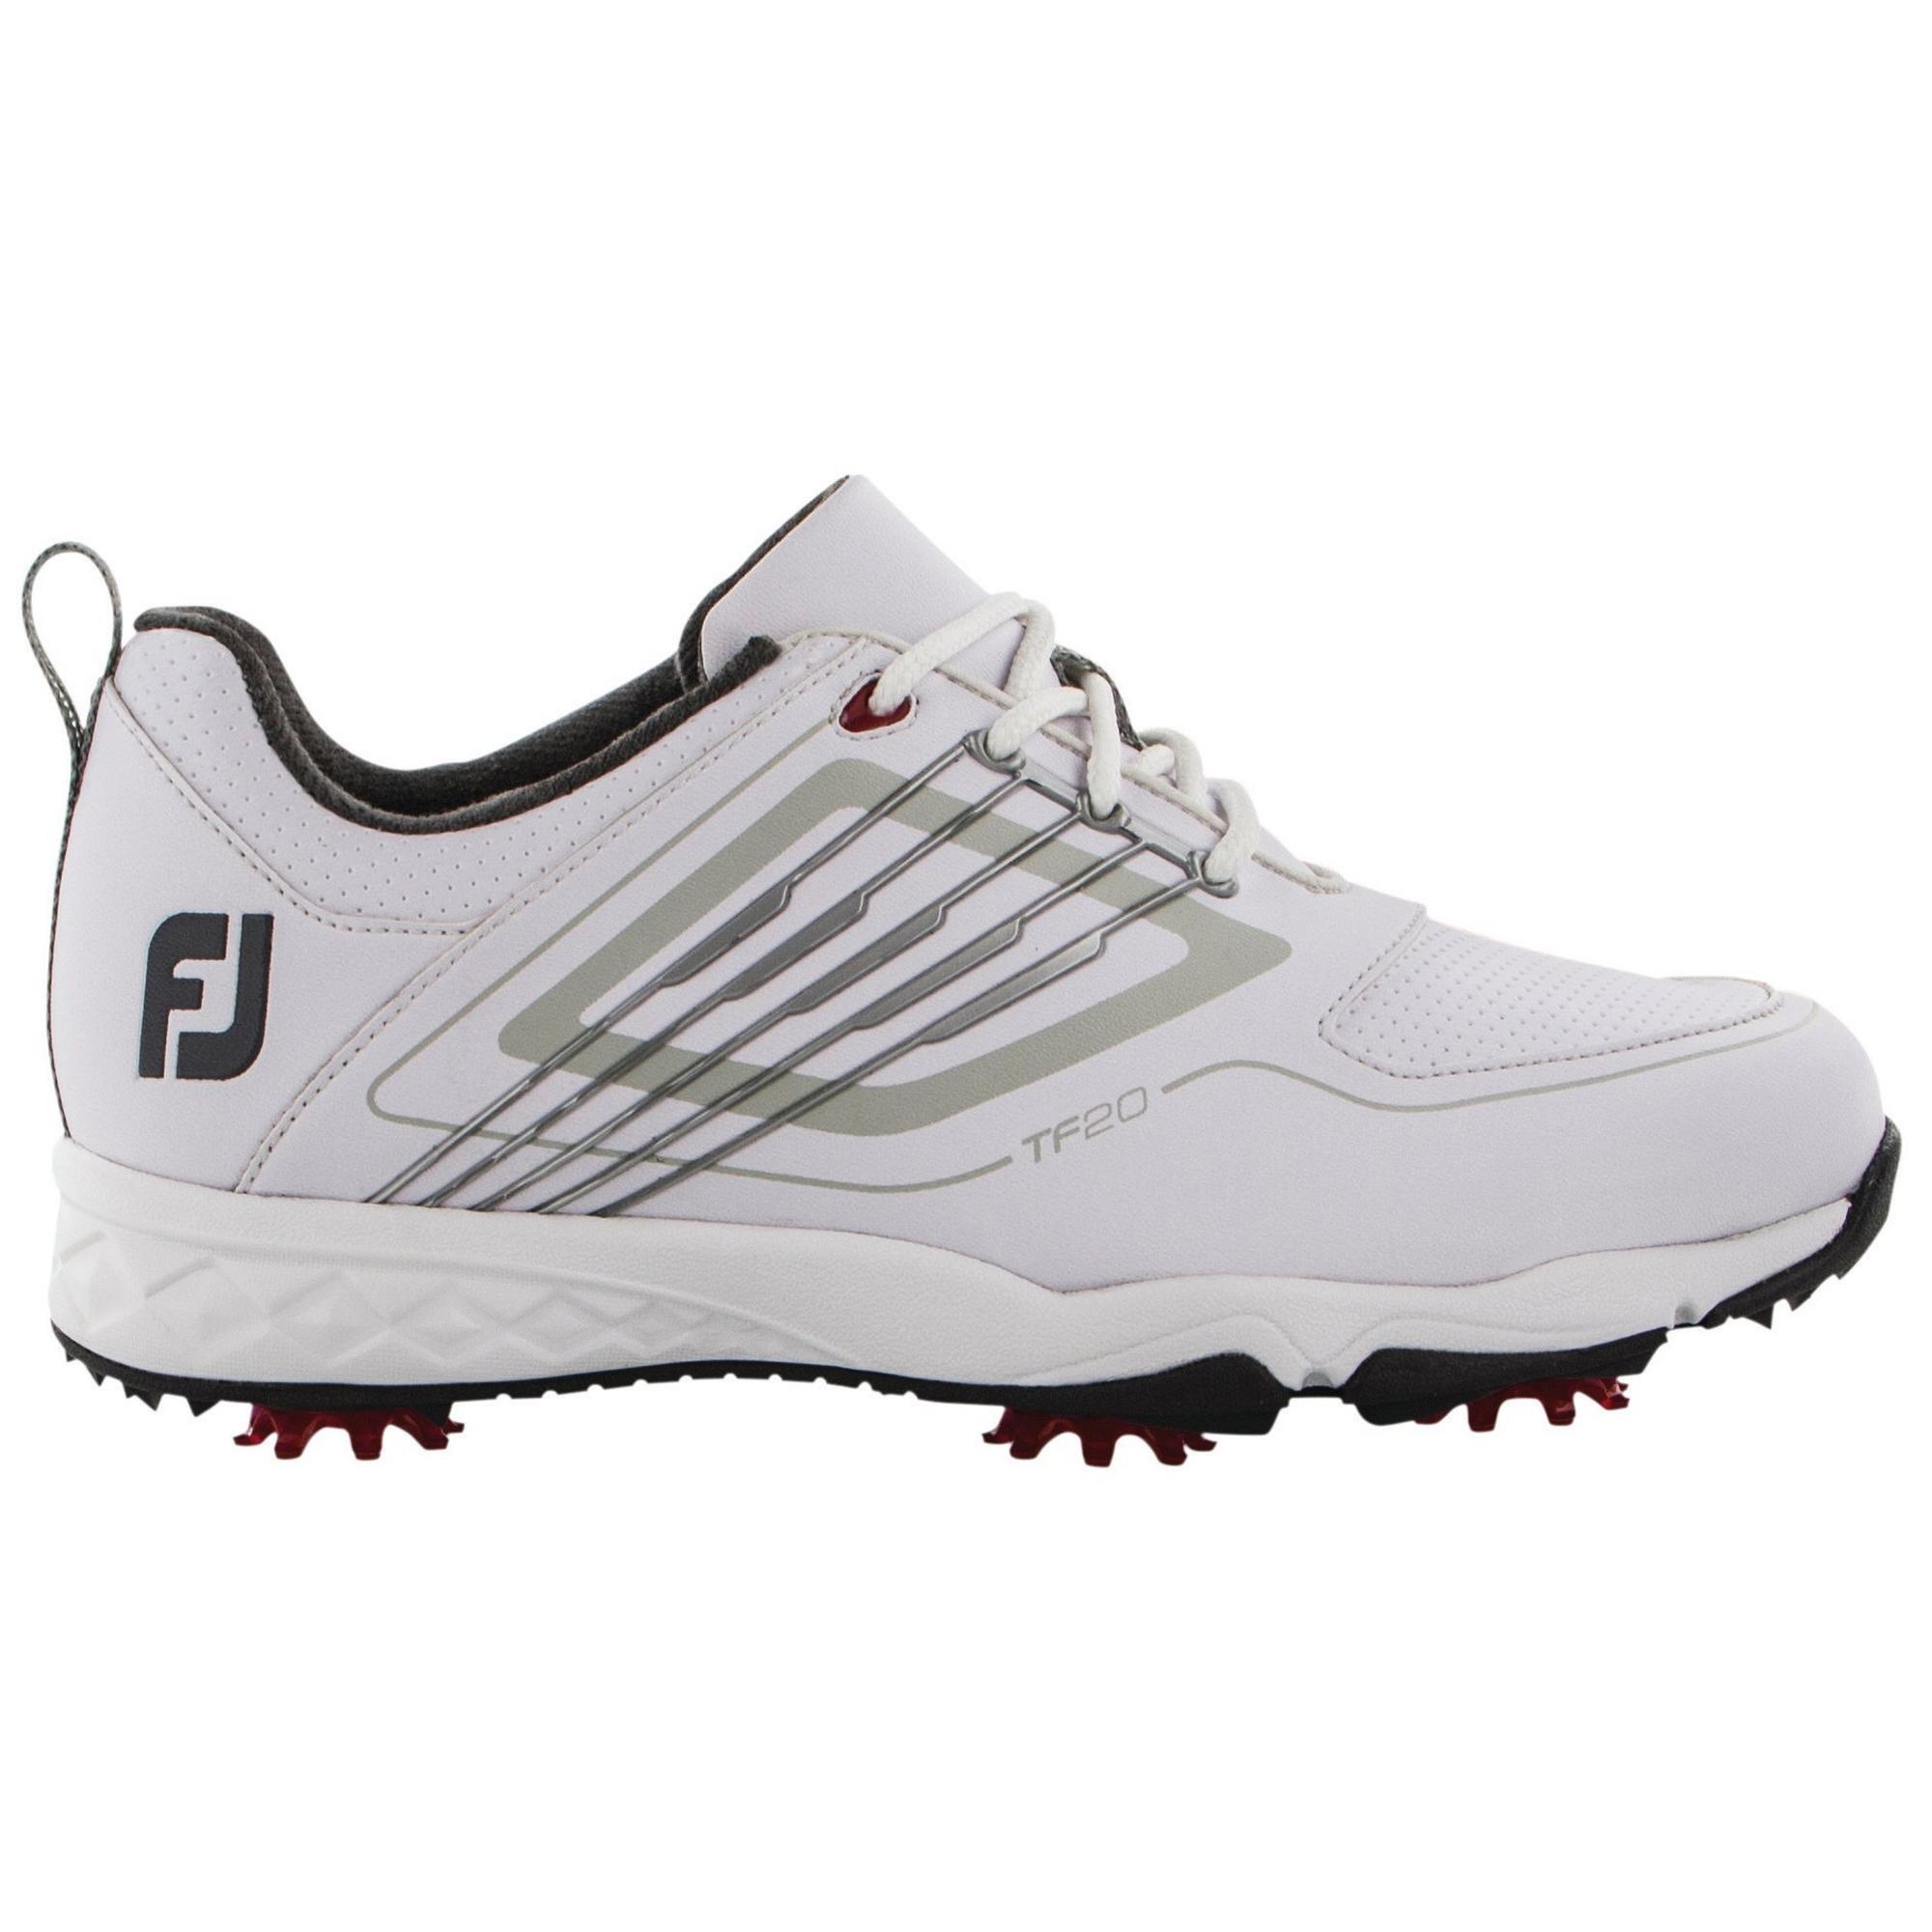 Chaussures Fury à crampons pour juniors (Blanc/Noir)